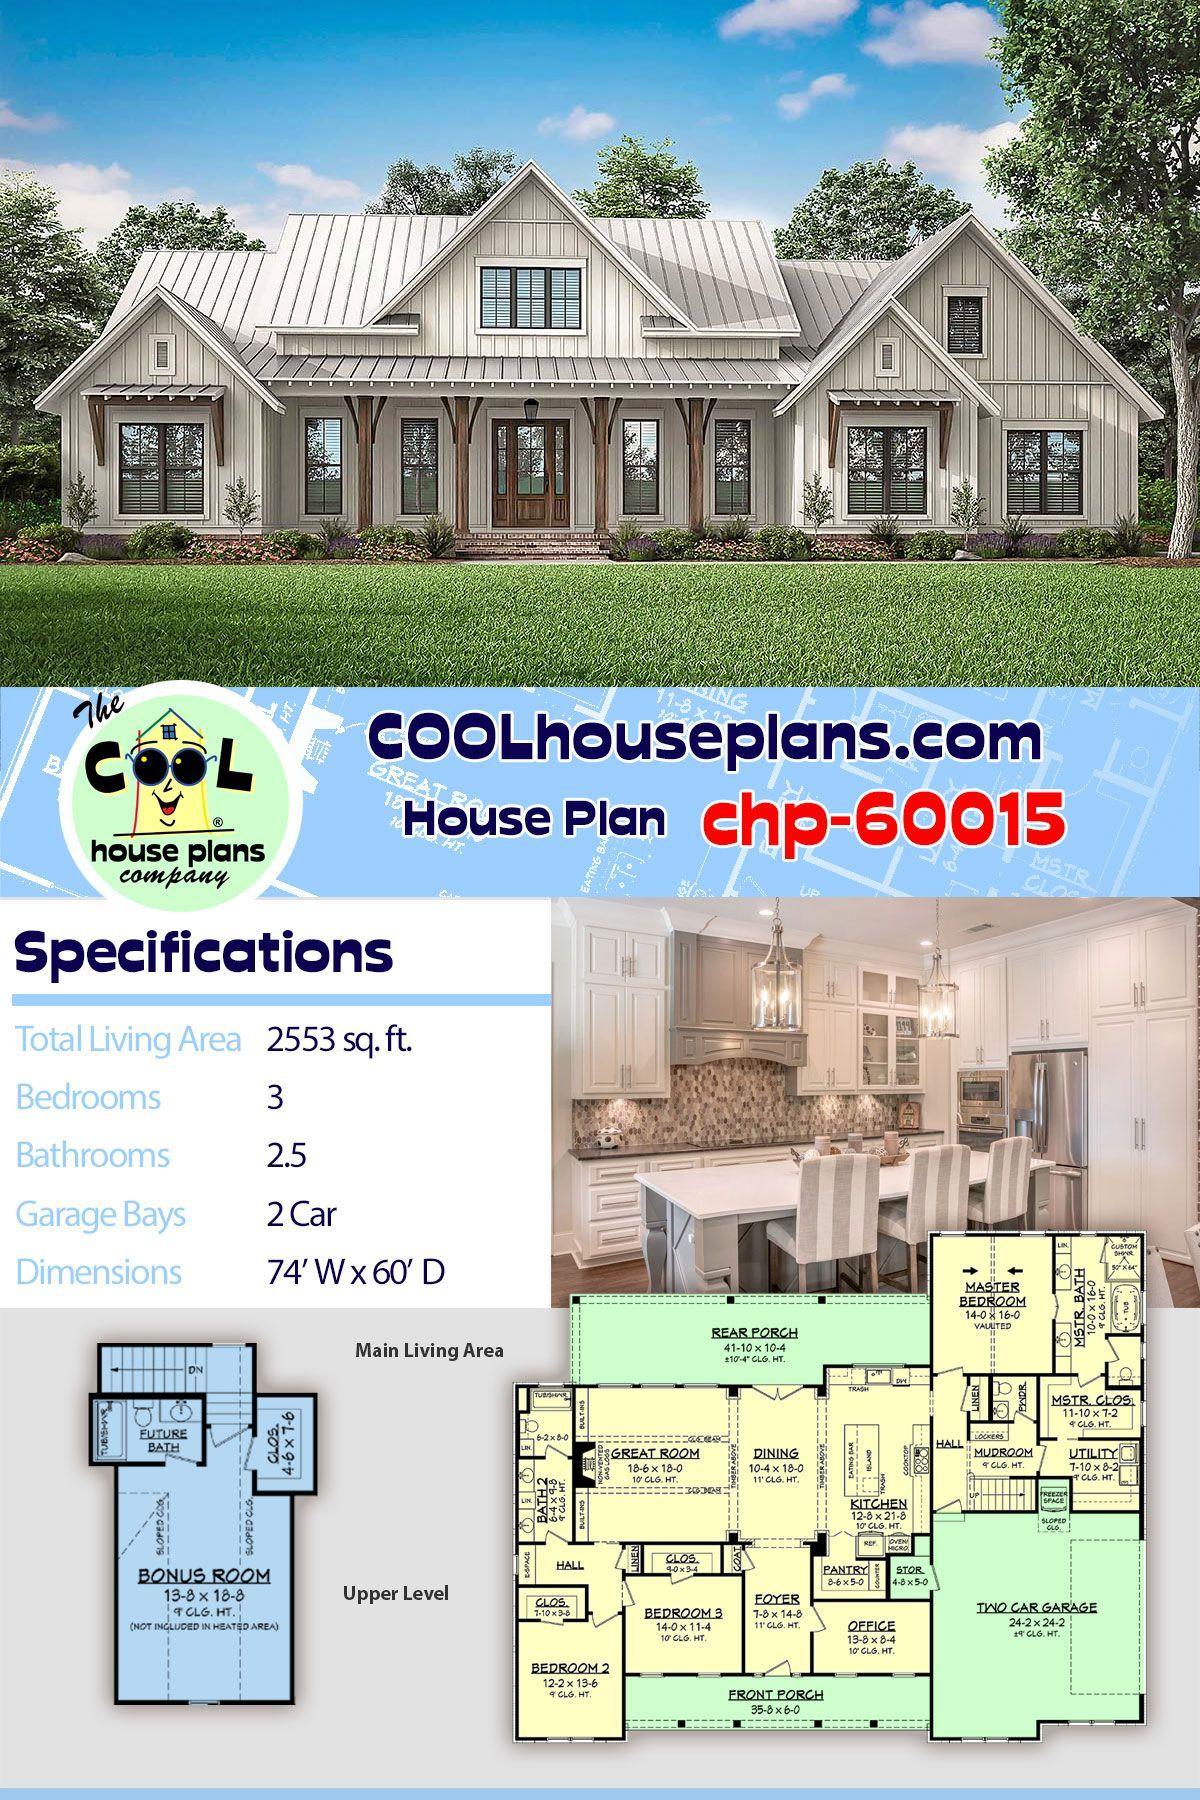 New Modern Farmhouse Home Plan Chp 60015 At Cool House Plans 2553 Sq Ft 3 Beds 2 5 Bat In 2020 Farmhouse Style House Plans Best House Plans House Plans Farmhouse